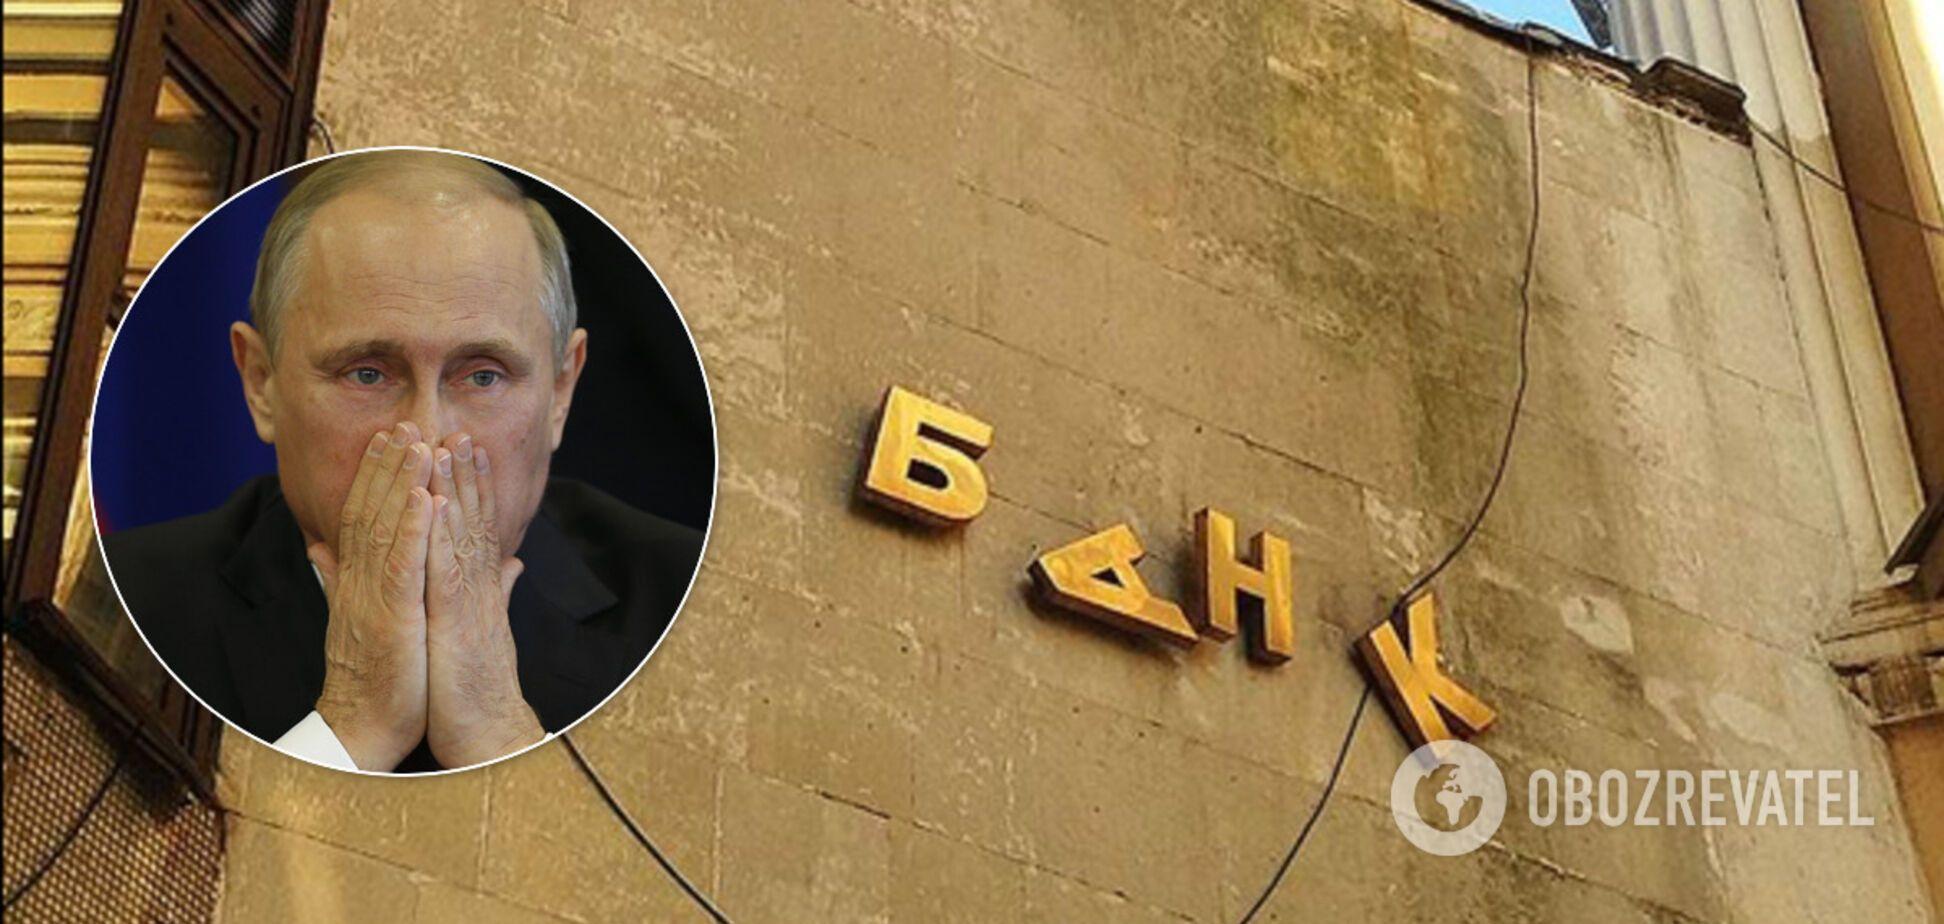 Після звернень Путіна: росіяни забрали з банків річну норму готівки